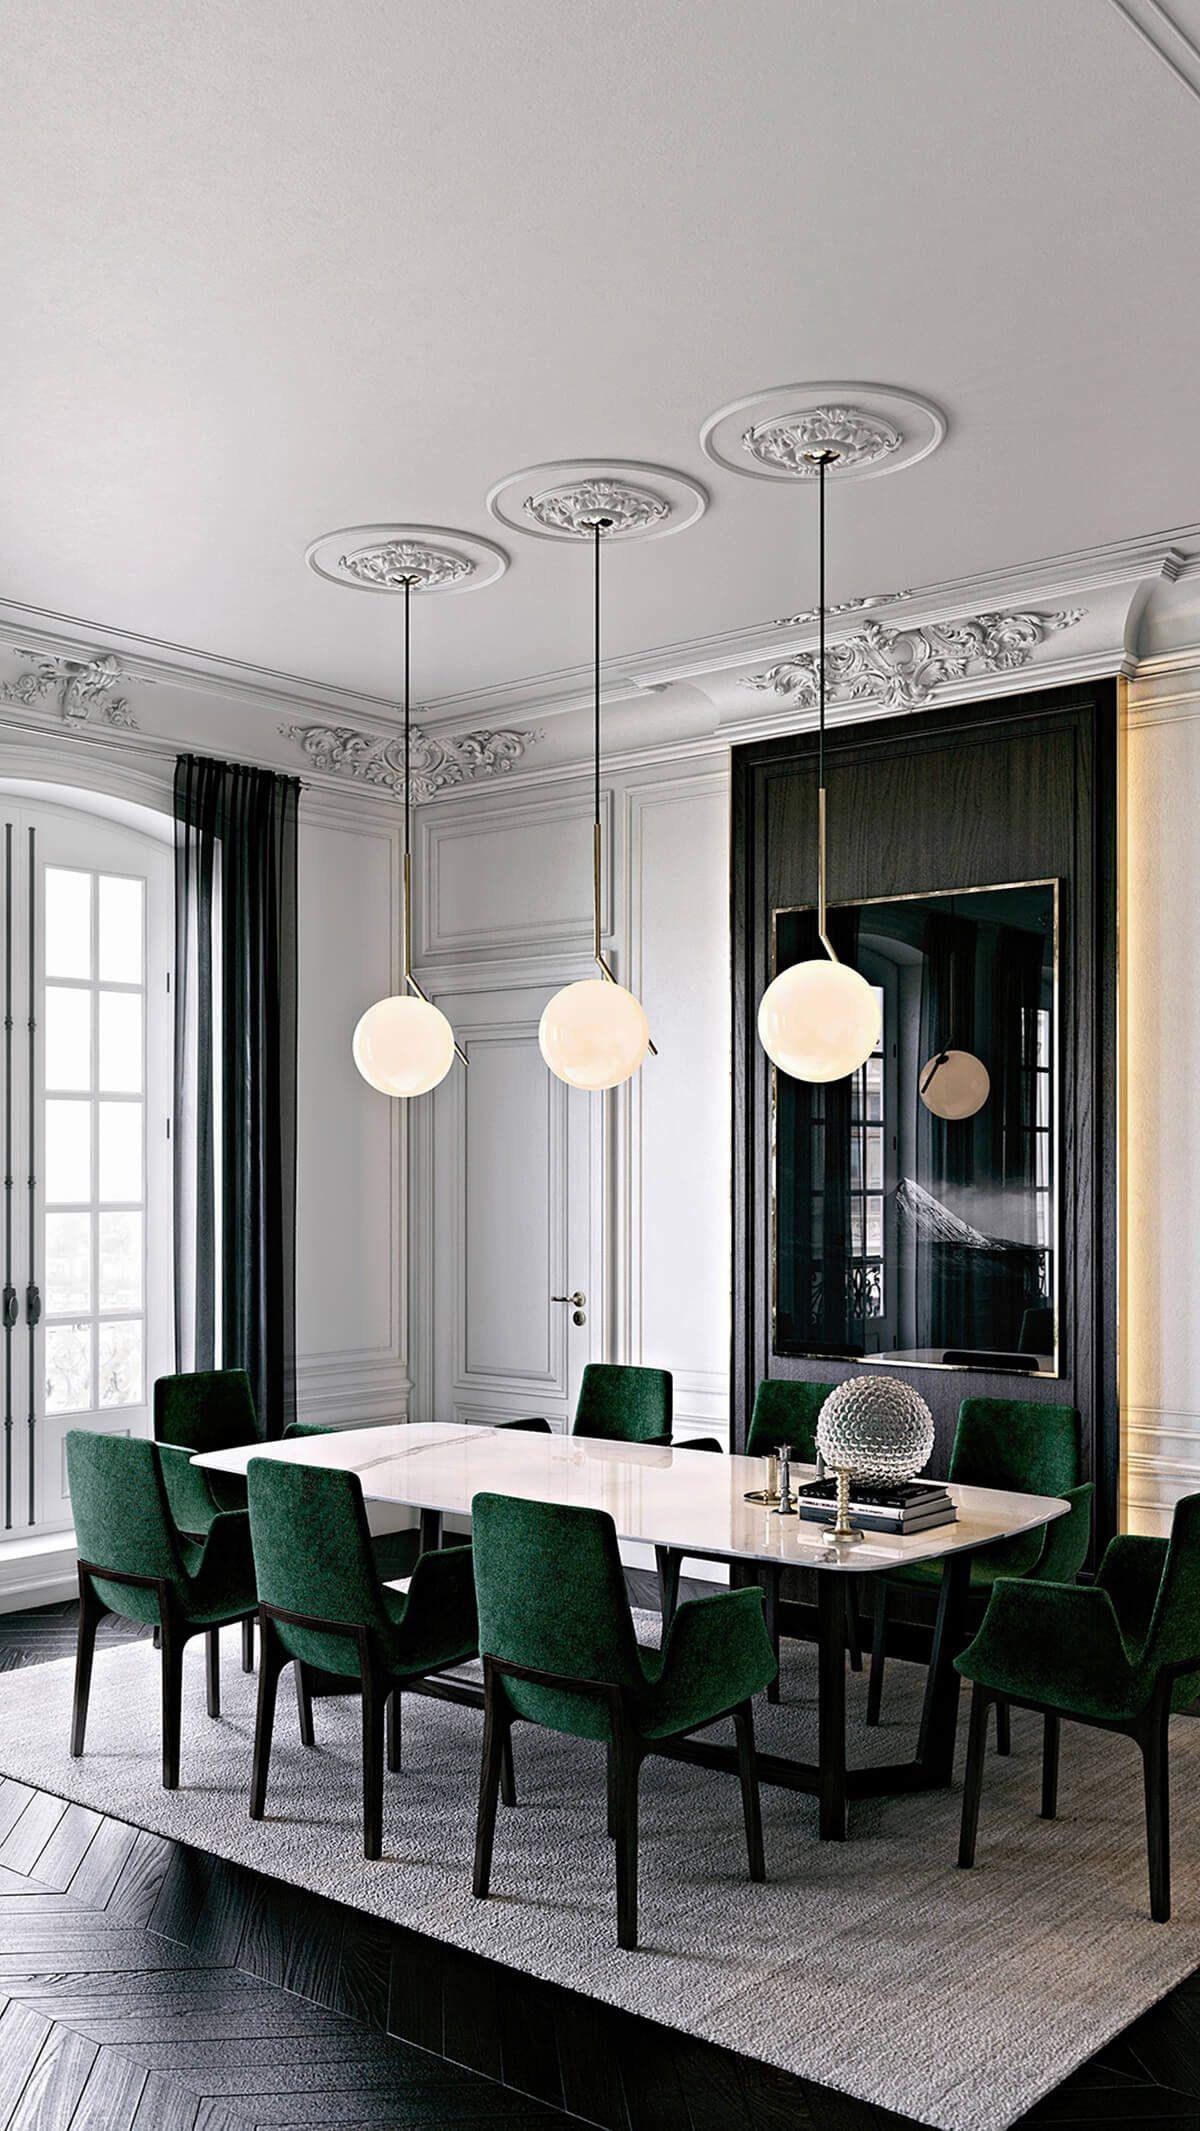 Un canapé en velours vert émeraude - FrenchyFancy | Déco ...